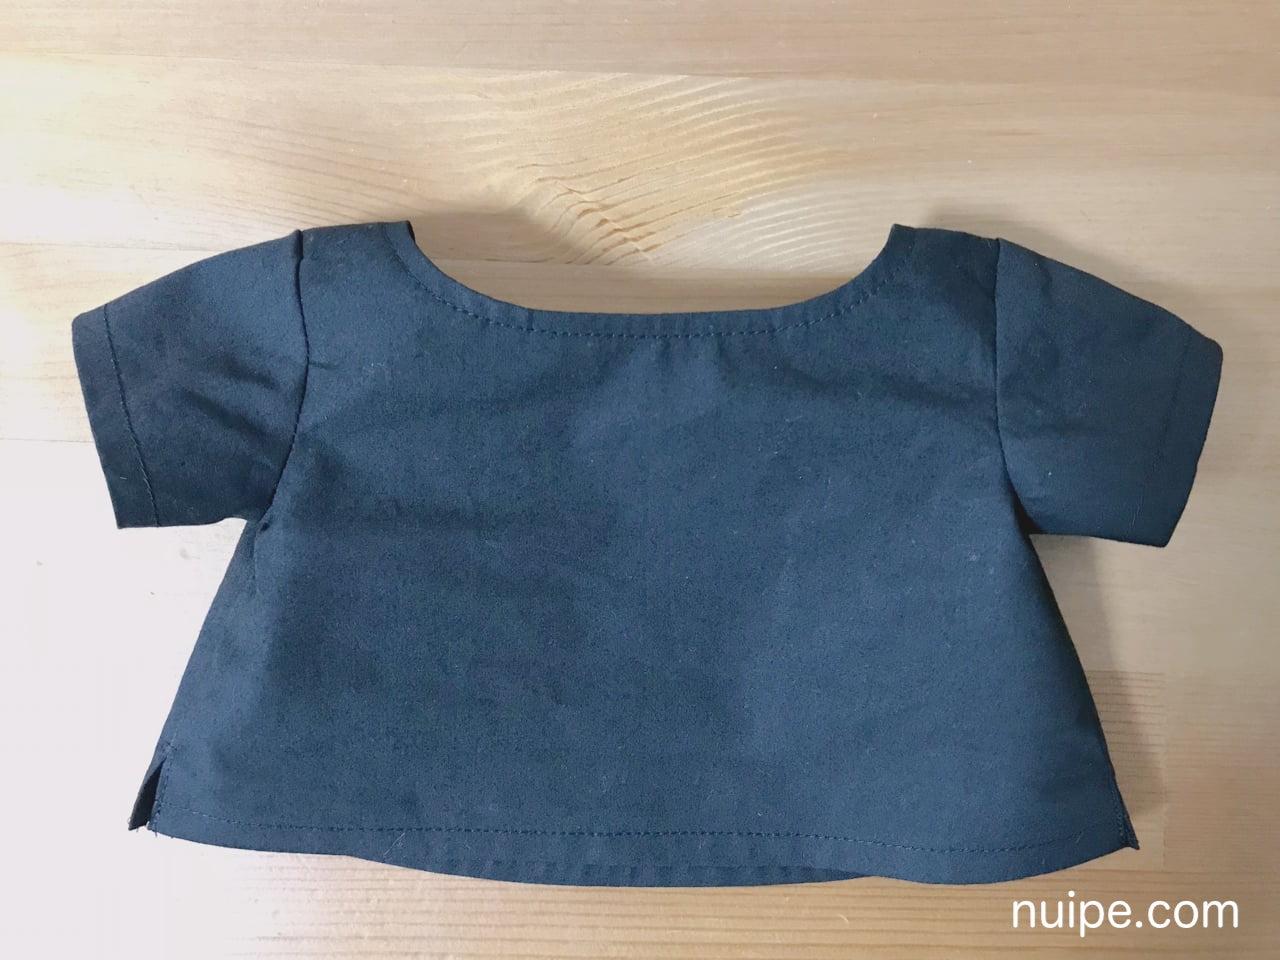 ダッフィーの服作り方Tシャツ